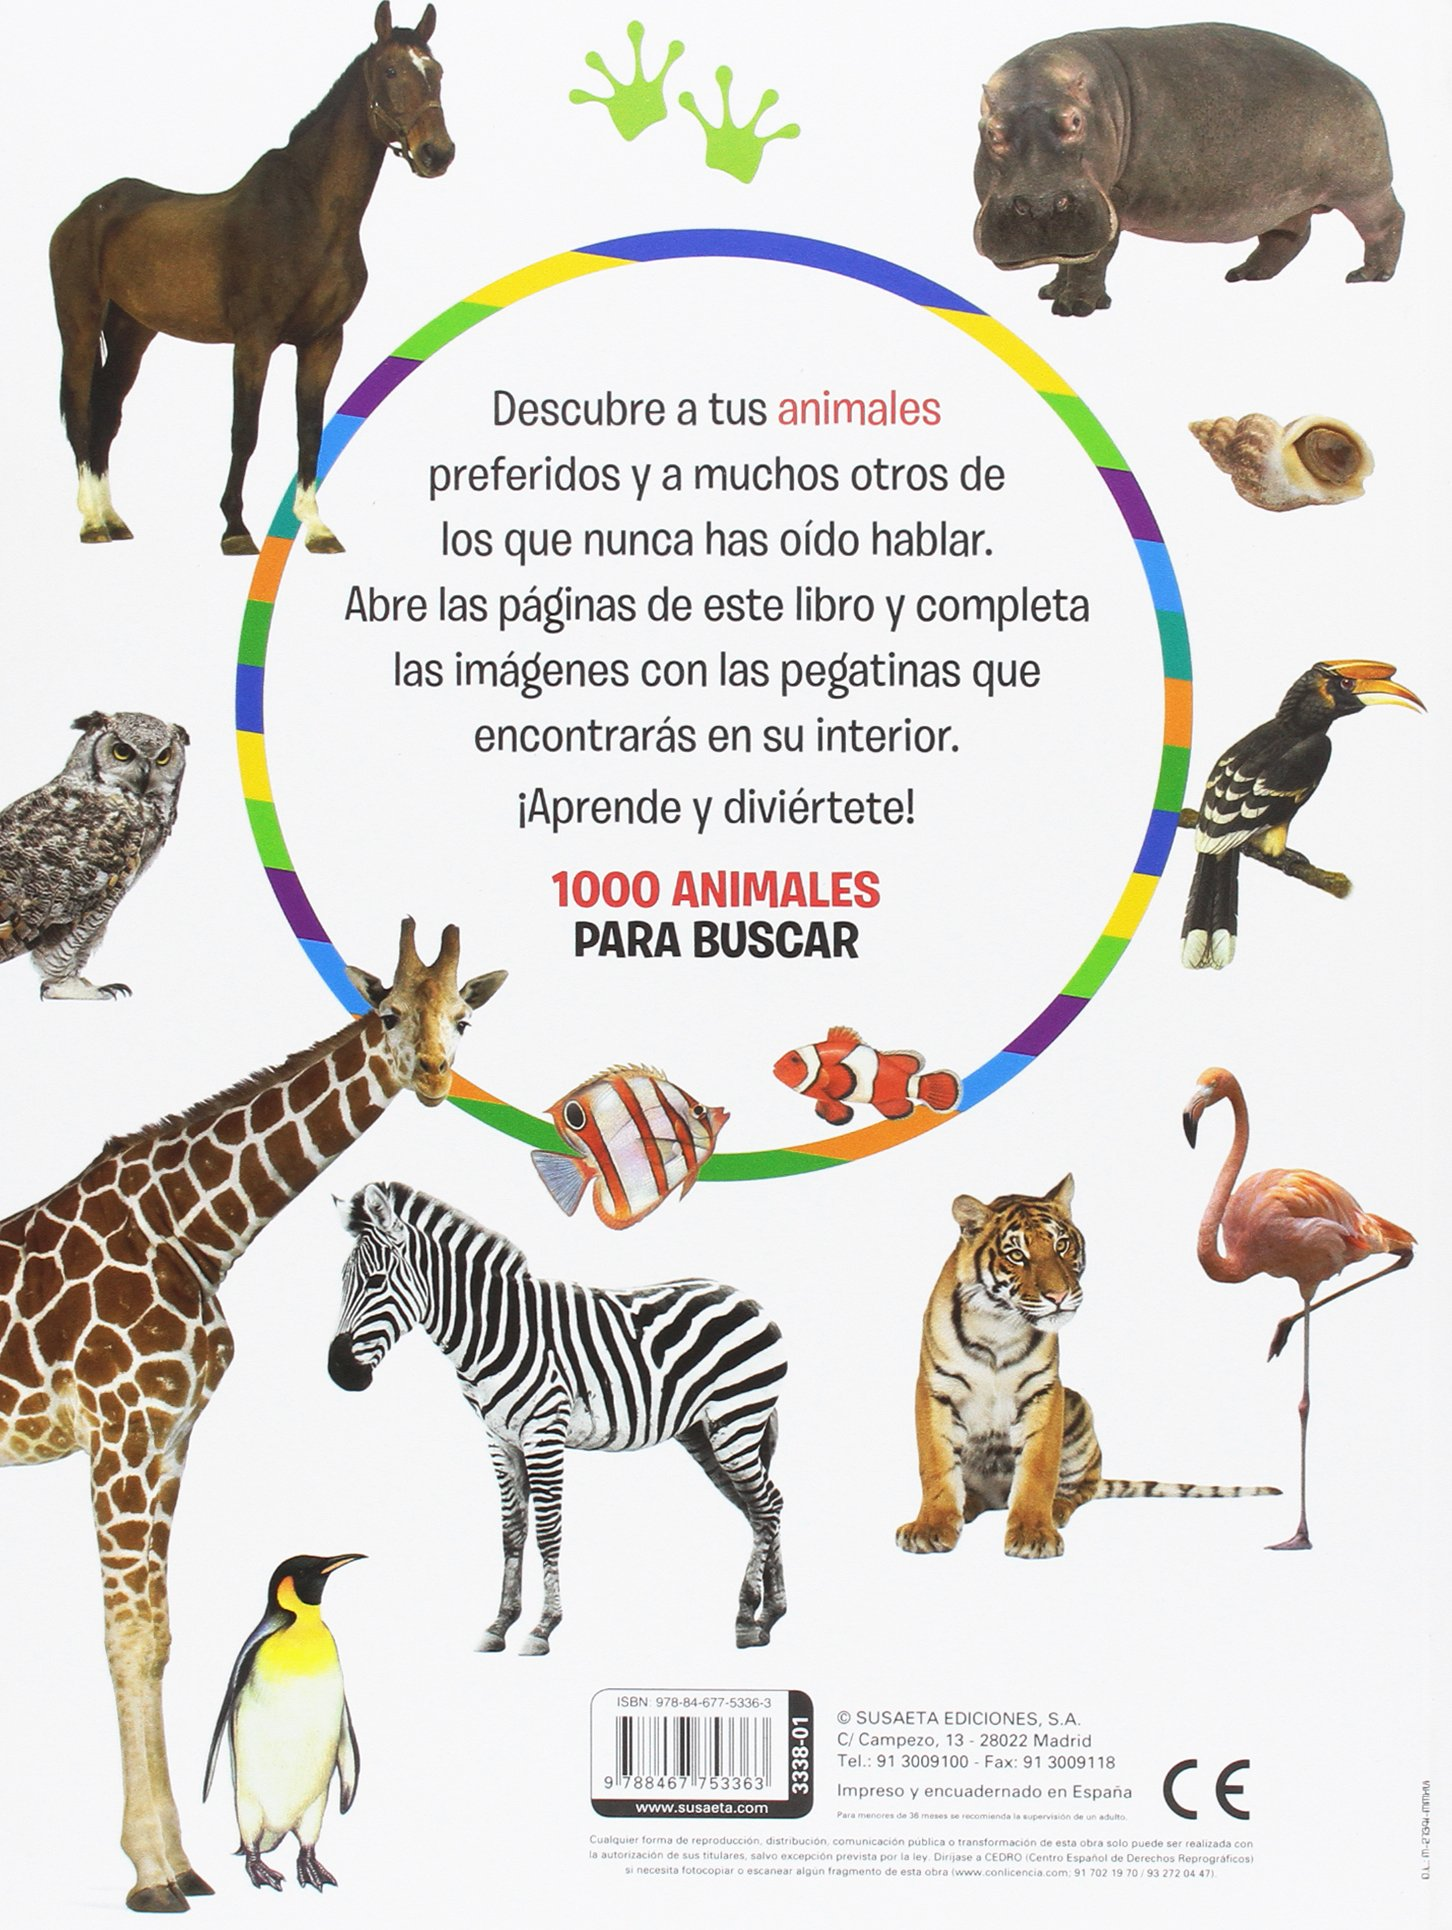 1000 Animales para buscar 1000 pegatinas para buscar: Amazon.es: Susaeta, Equipo: Libros